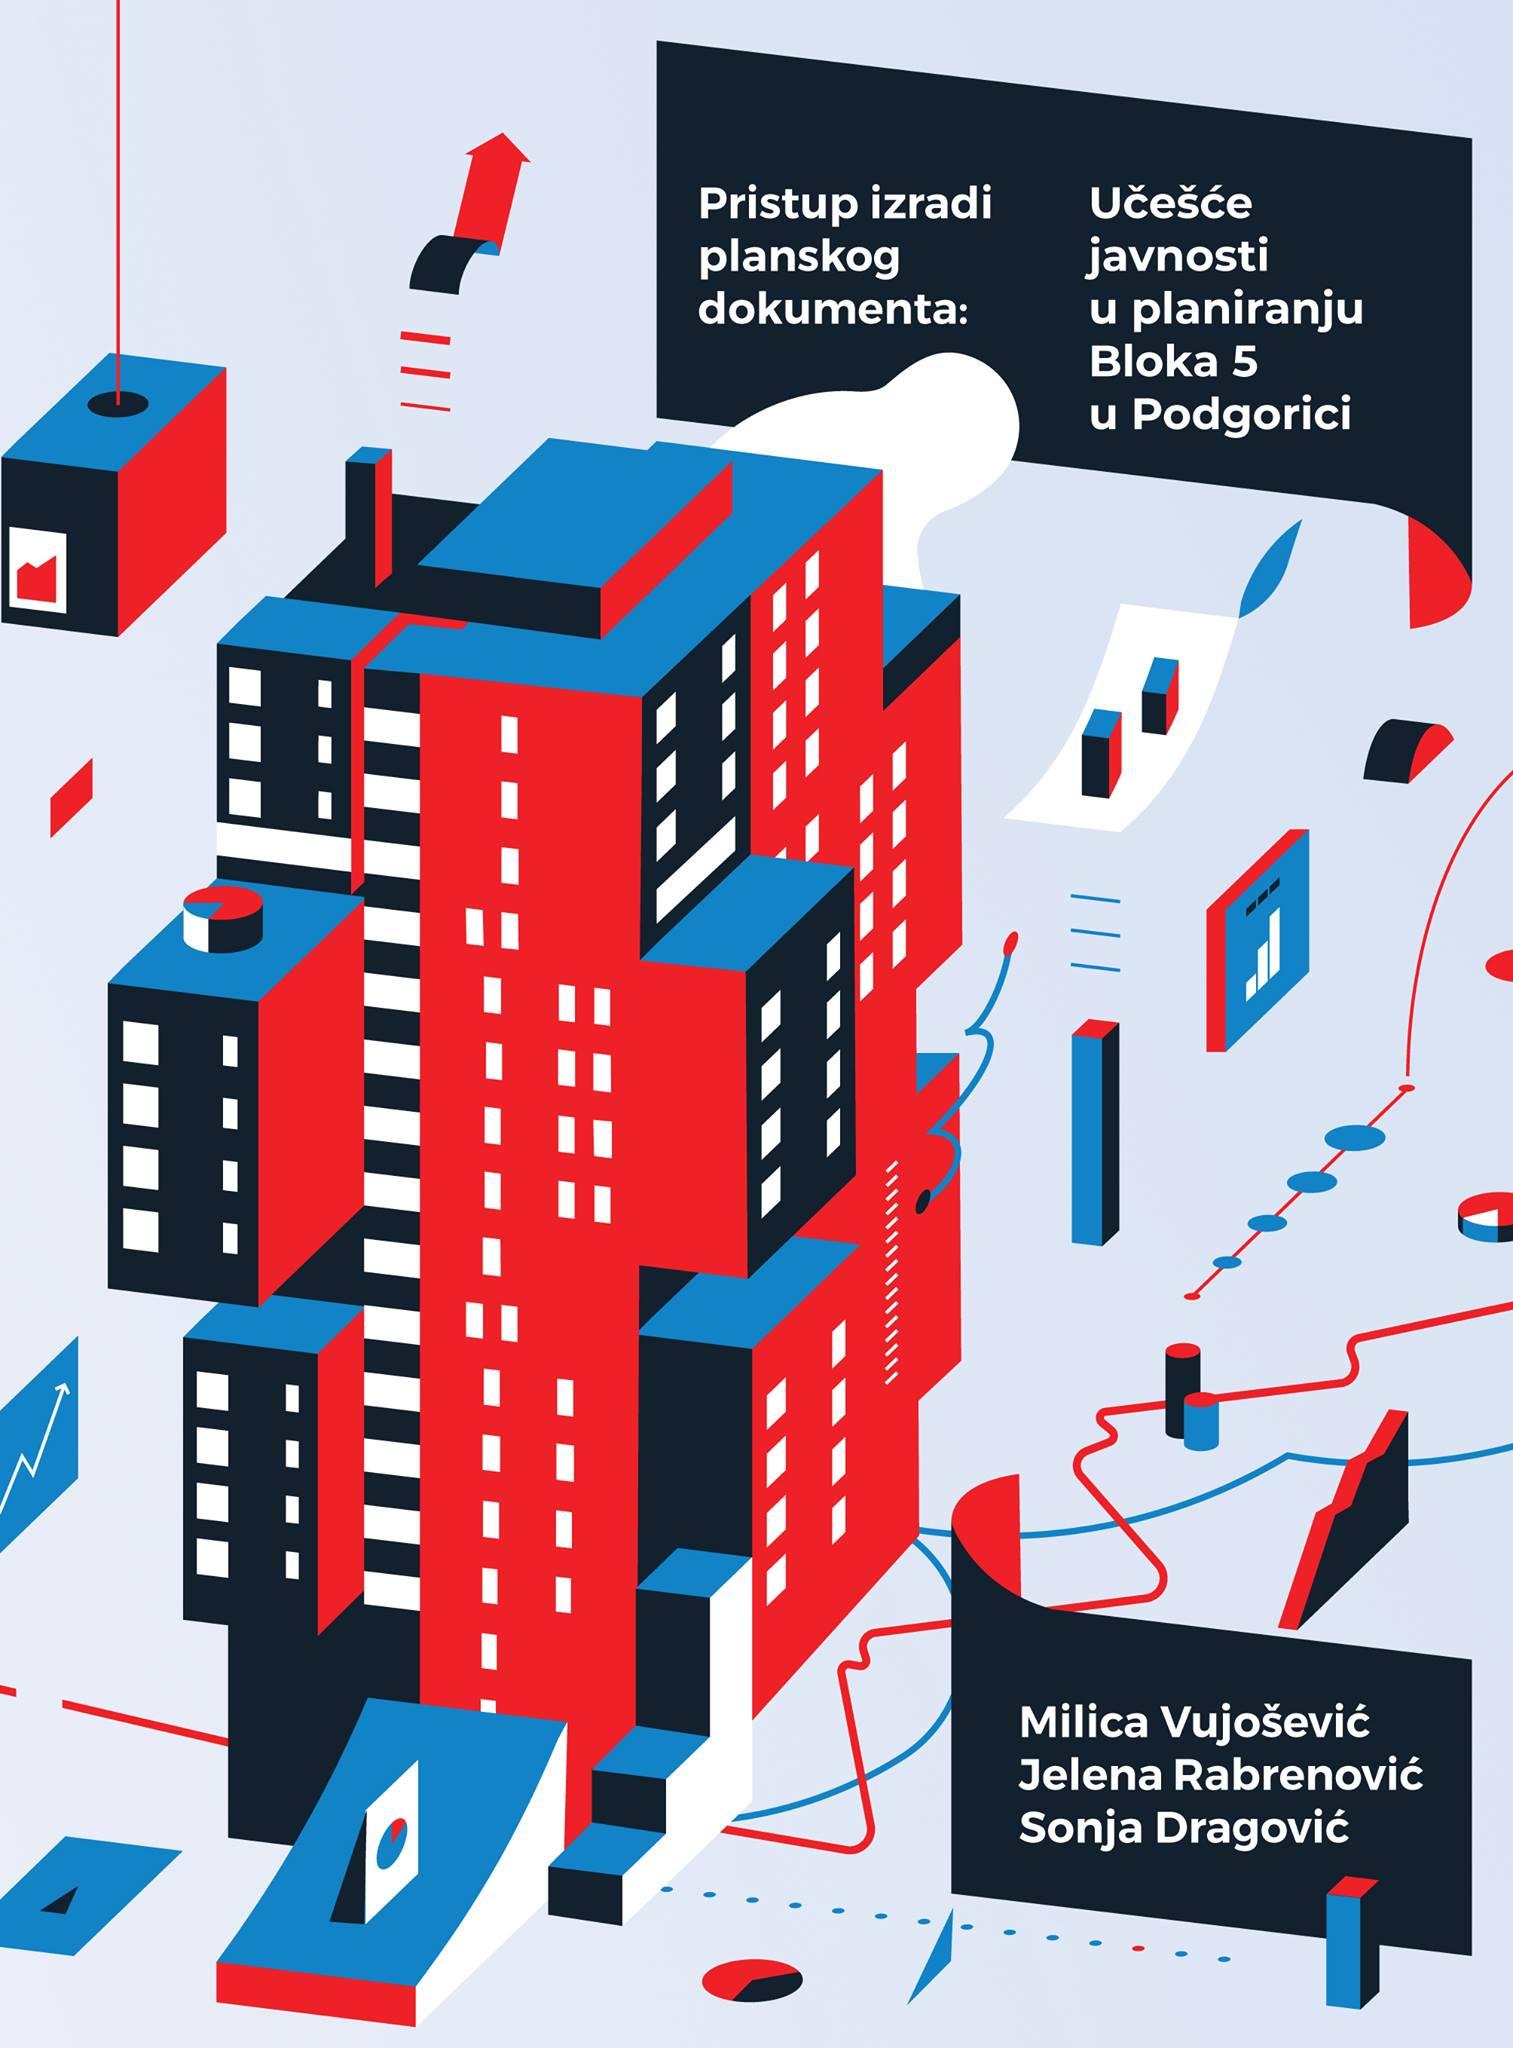 Pristup izradi planskog dokumenta: Učešće javnosti u planiranju Bloka 5 u Podgorici